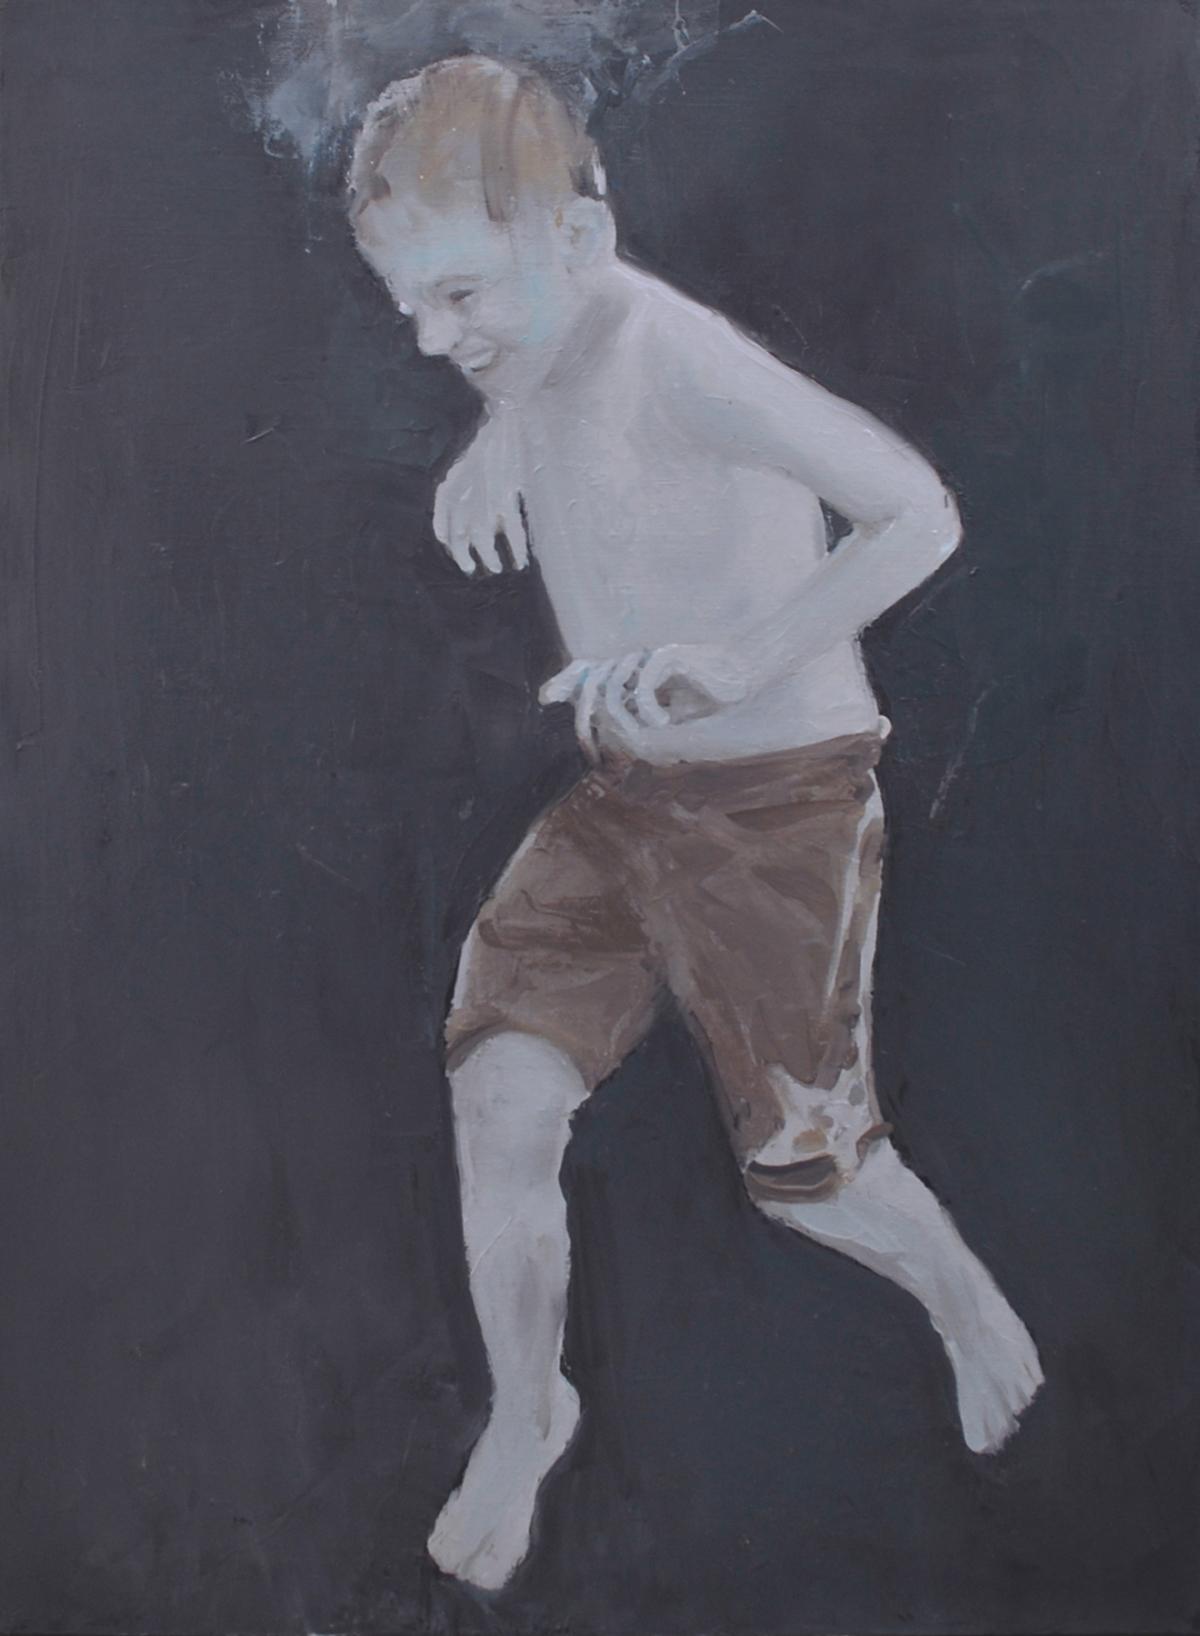 Jeux d'eau, 2011 Huile sur toile, 92 x 65 cm ©Vincent Ruffin